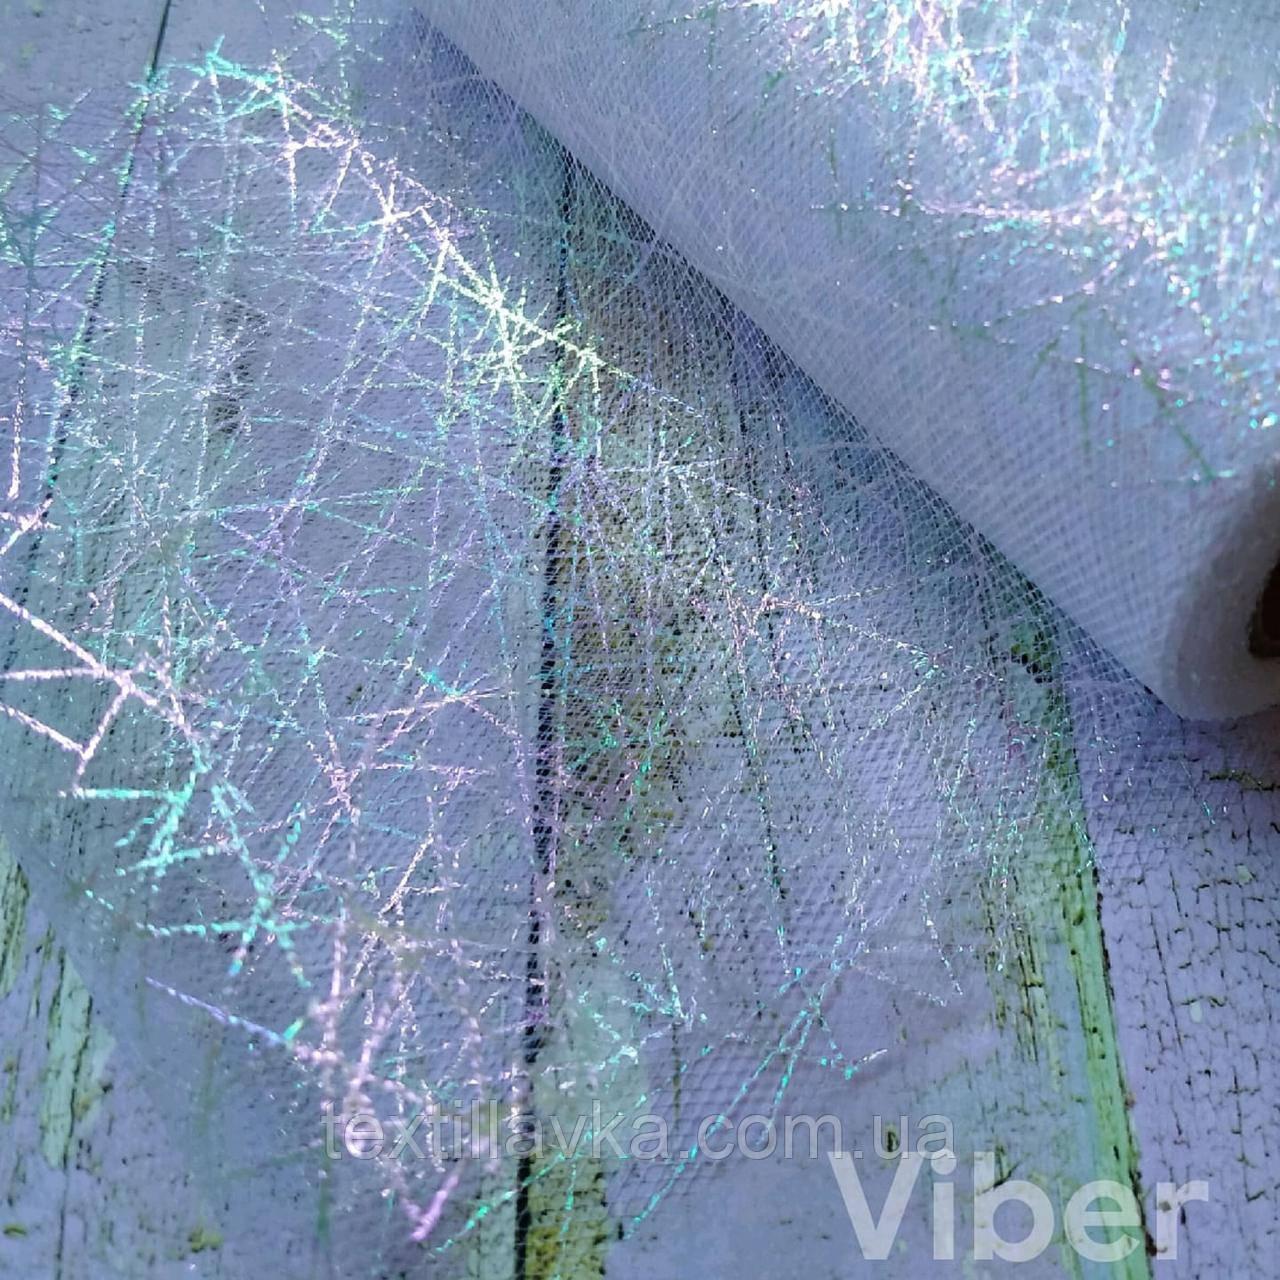 Фатин білий з блискучою сіткою павутиною